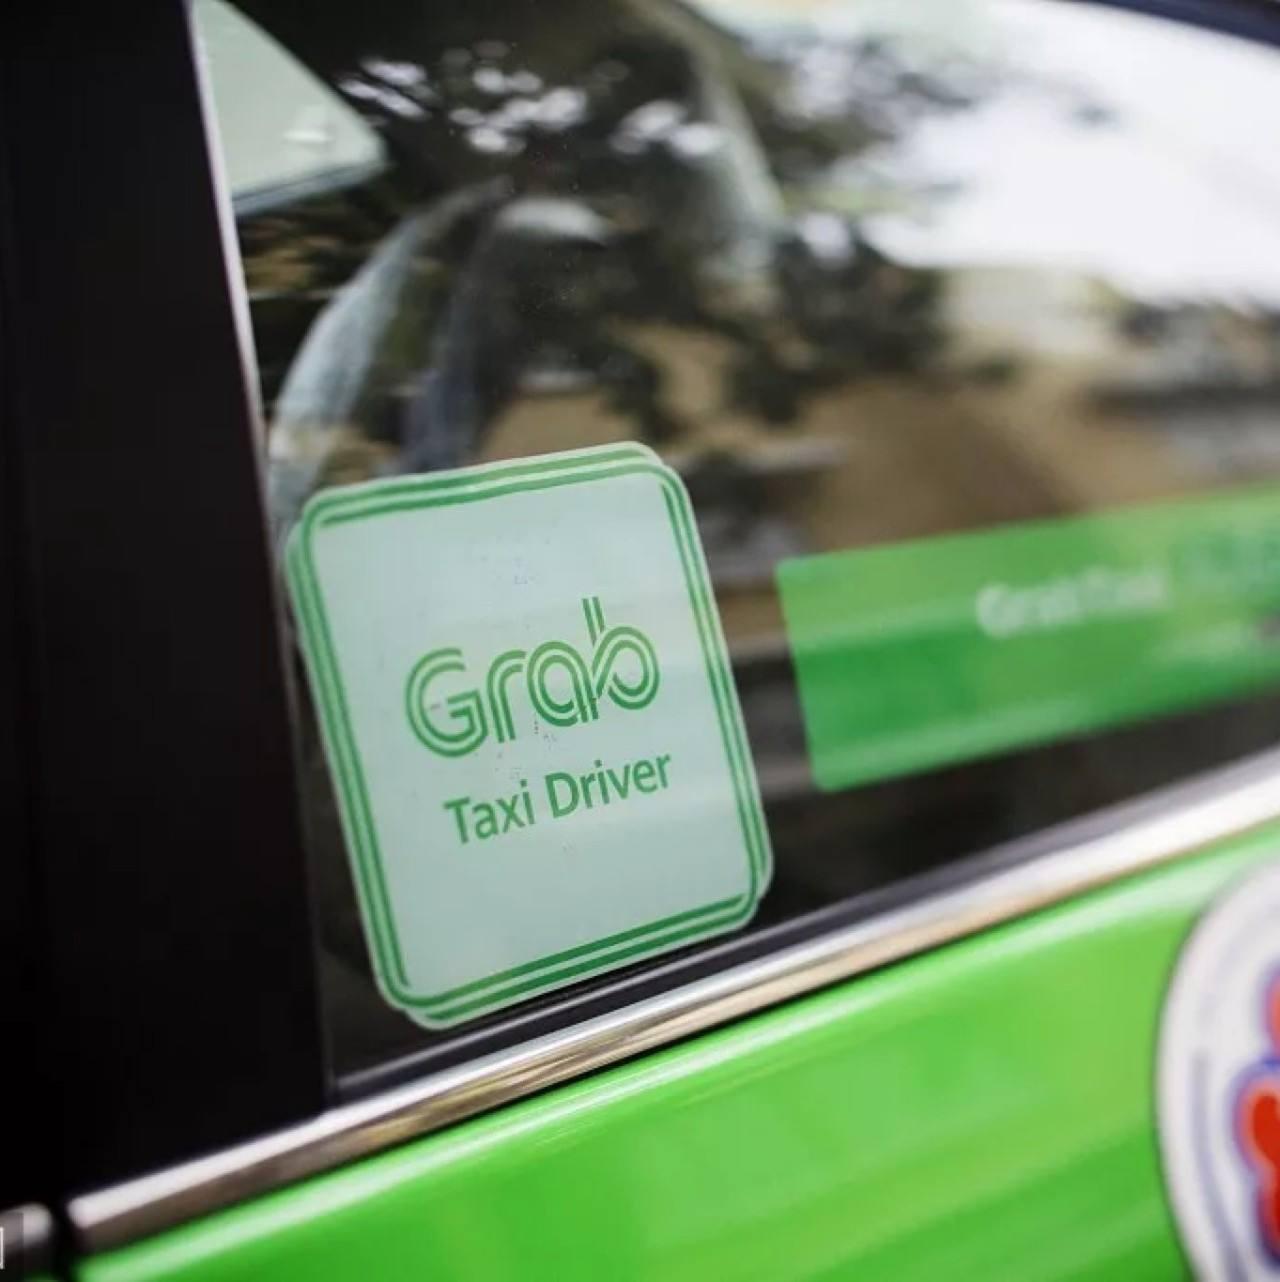 提供云计算服务 微软投资东南亚打车公司Grab